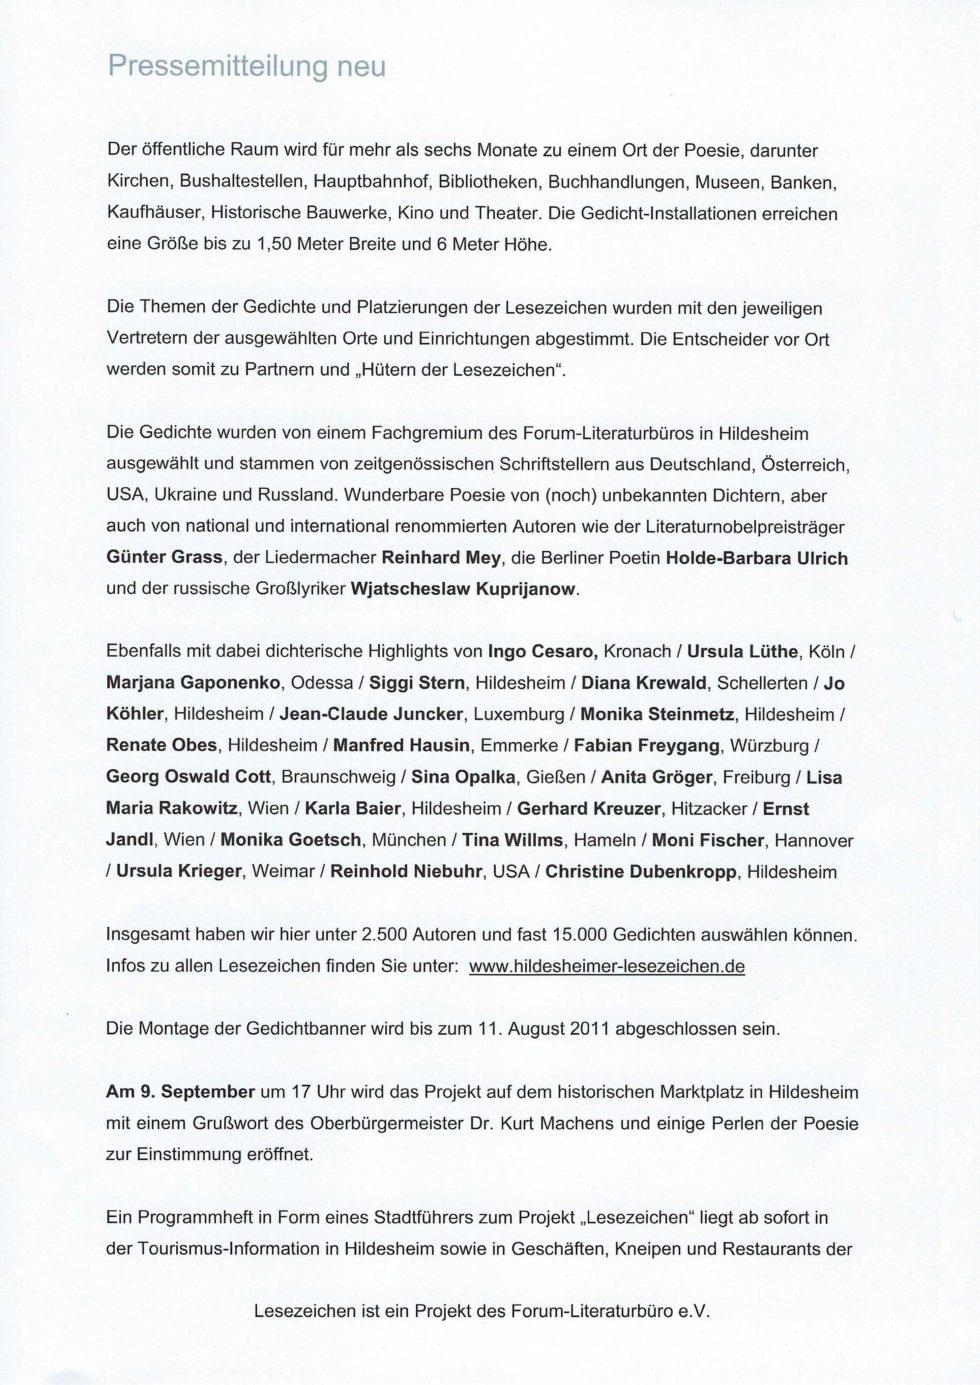 2011 LeseZeichen + 20. Juli + Grünen Wettbewerb_Seite_18